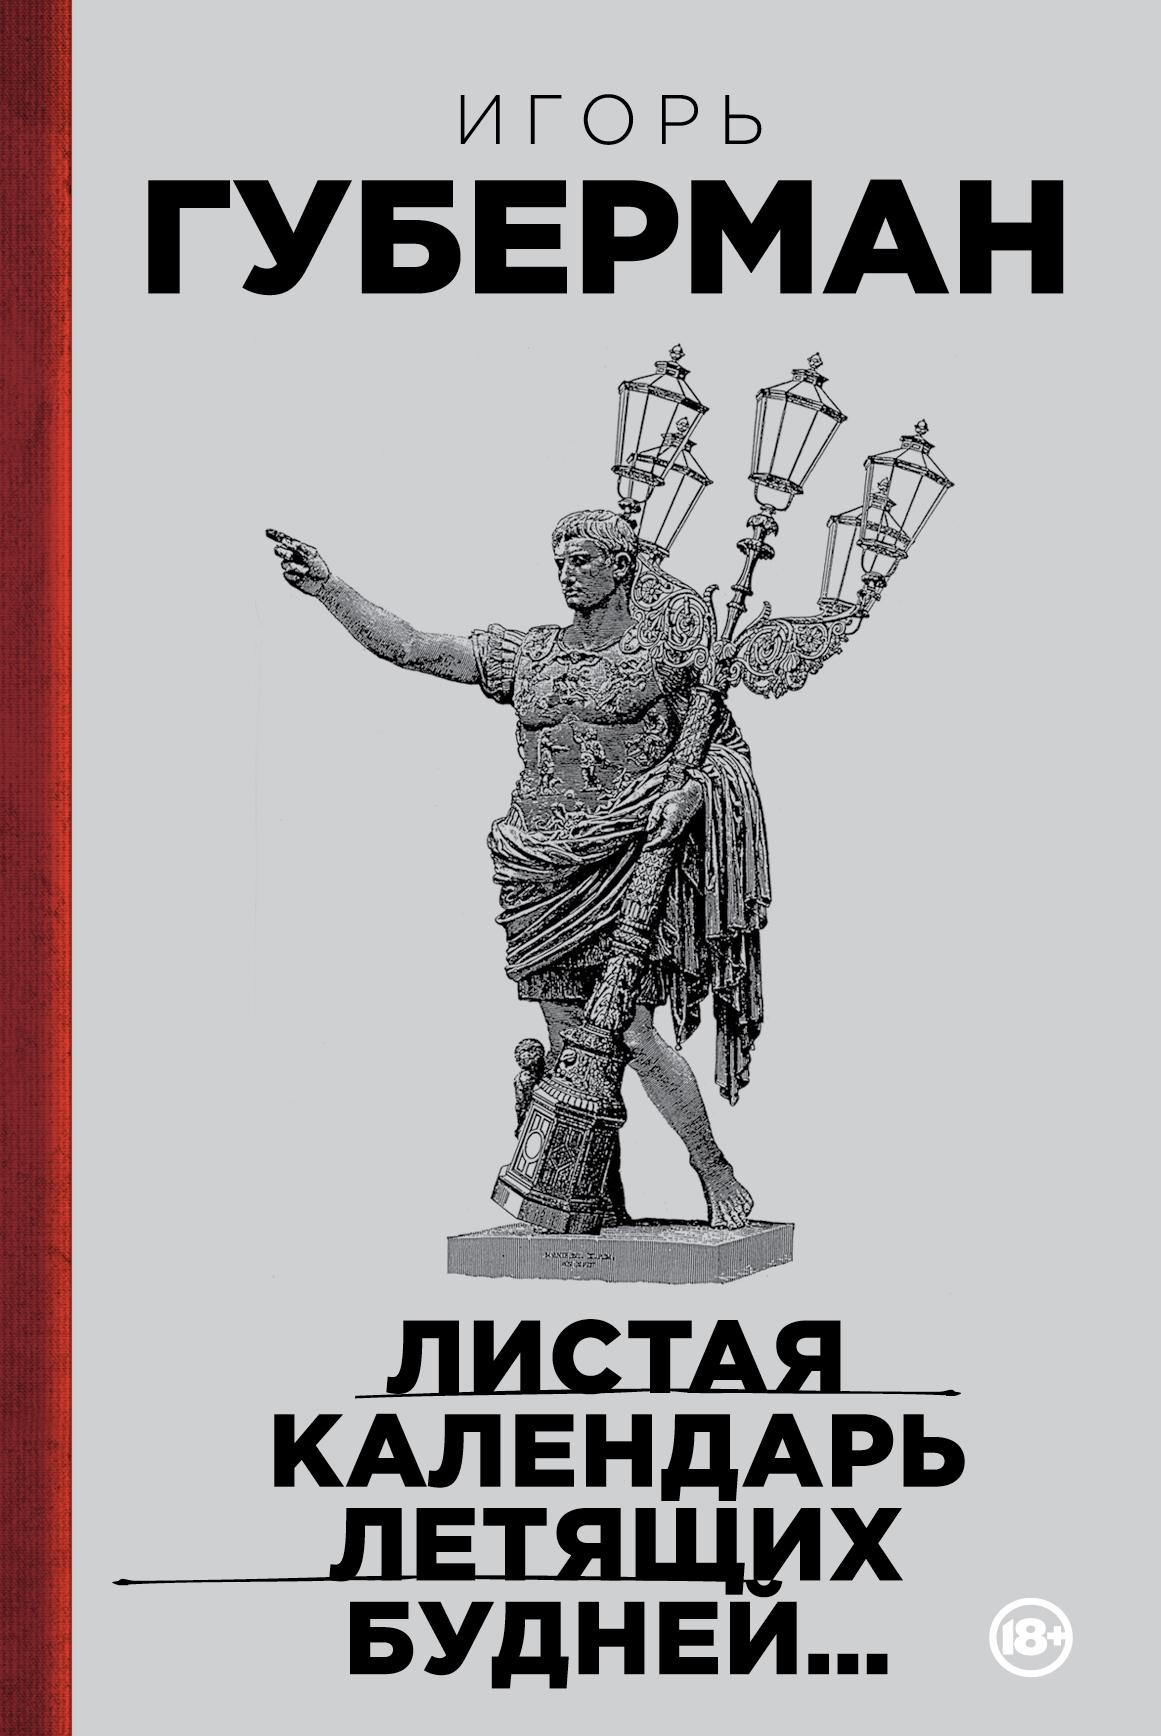 Игорь Губерман Листая календарь летящих будней...